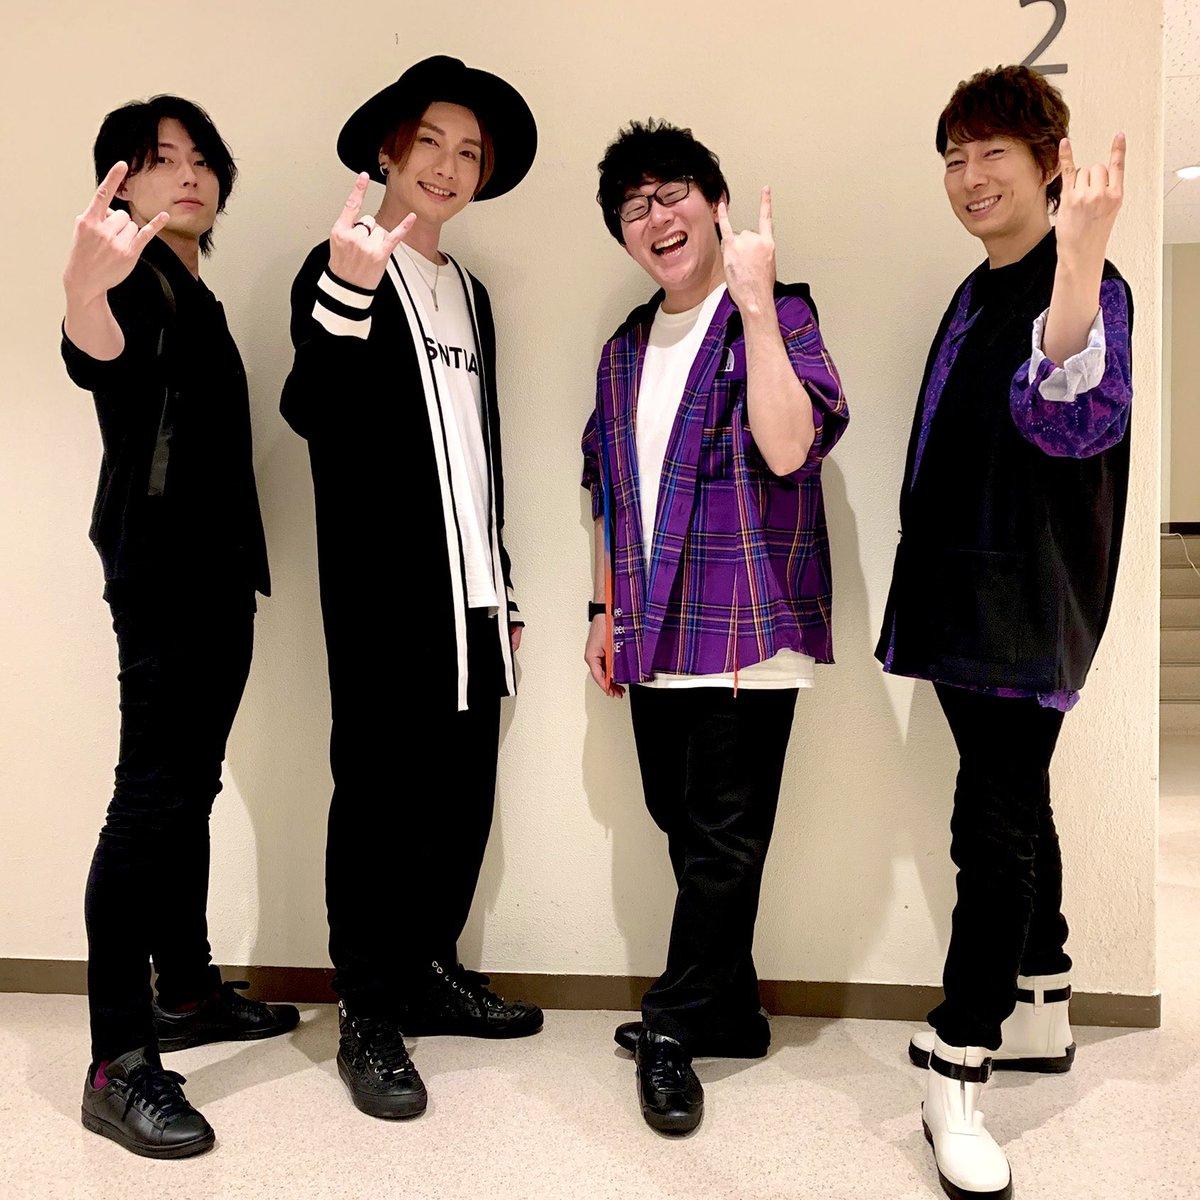 増田俊樹の9月19日のツイッター画像